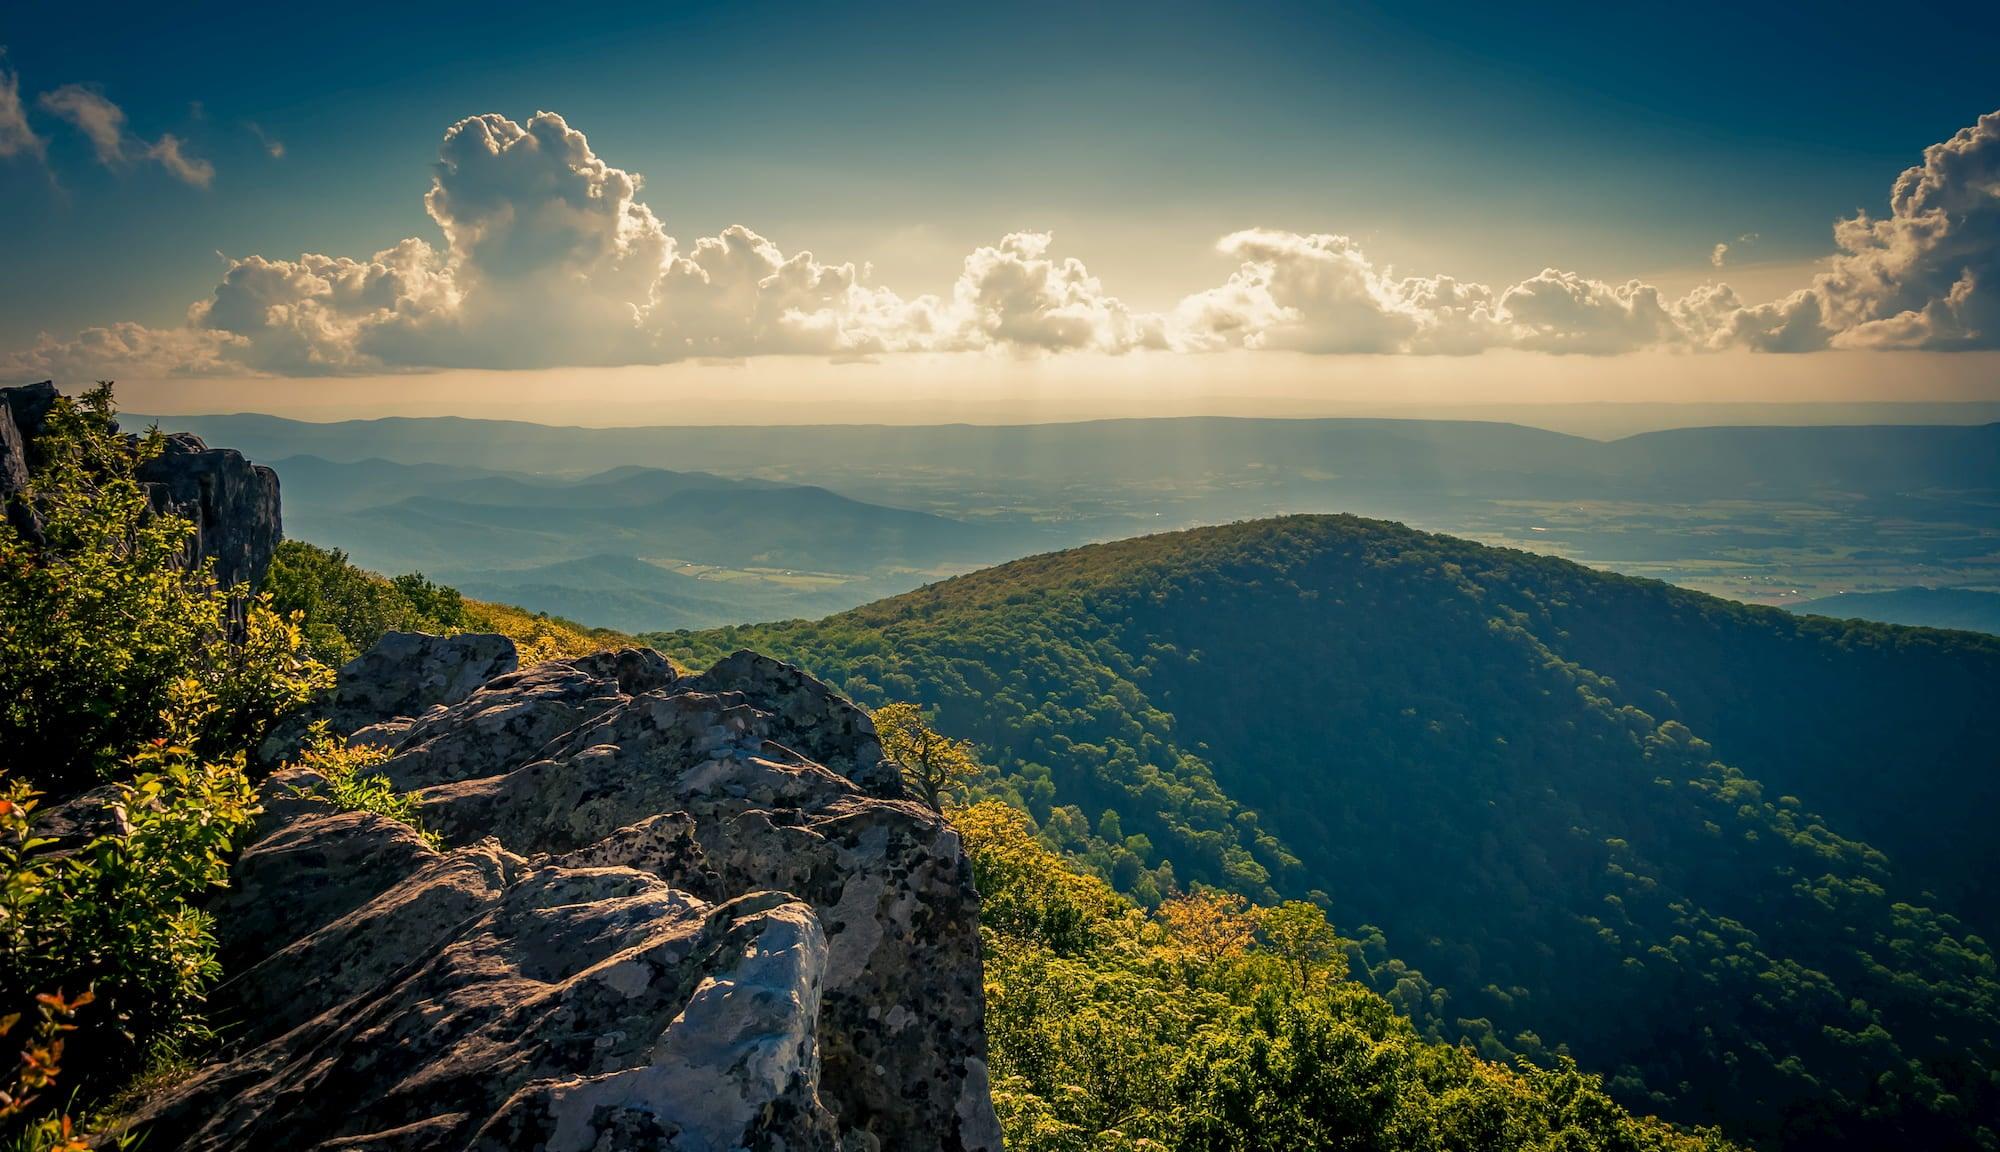 hawksbill summit in Shenandoah national park